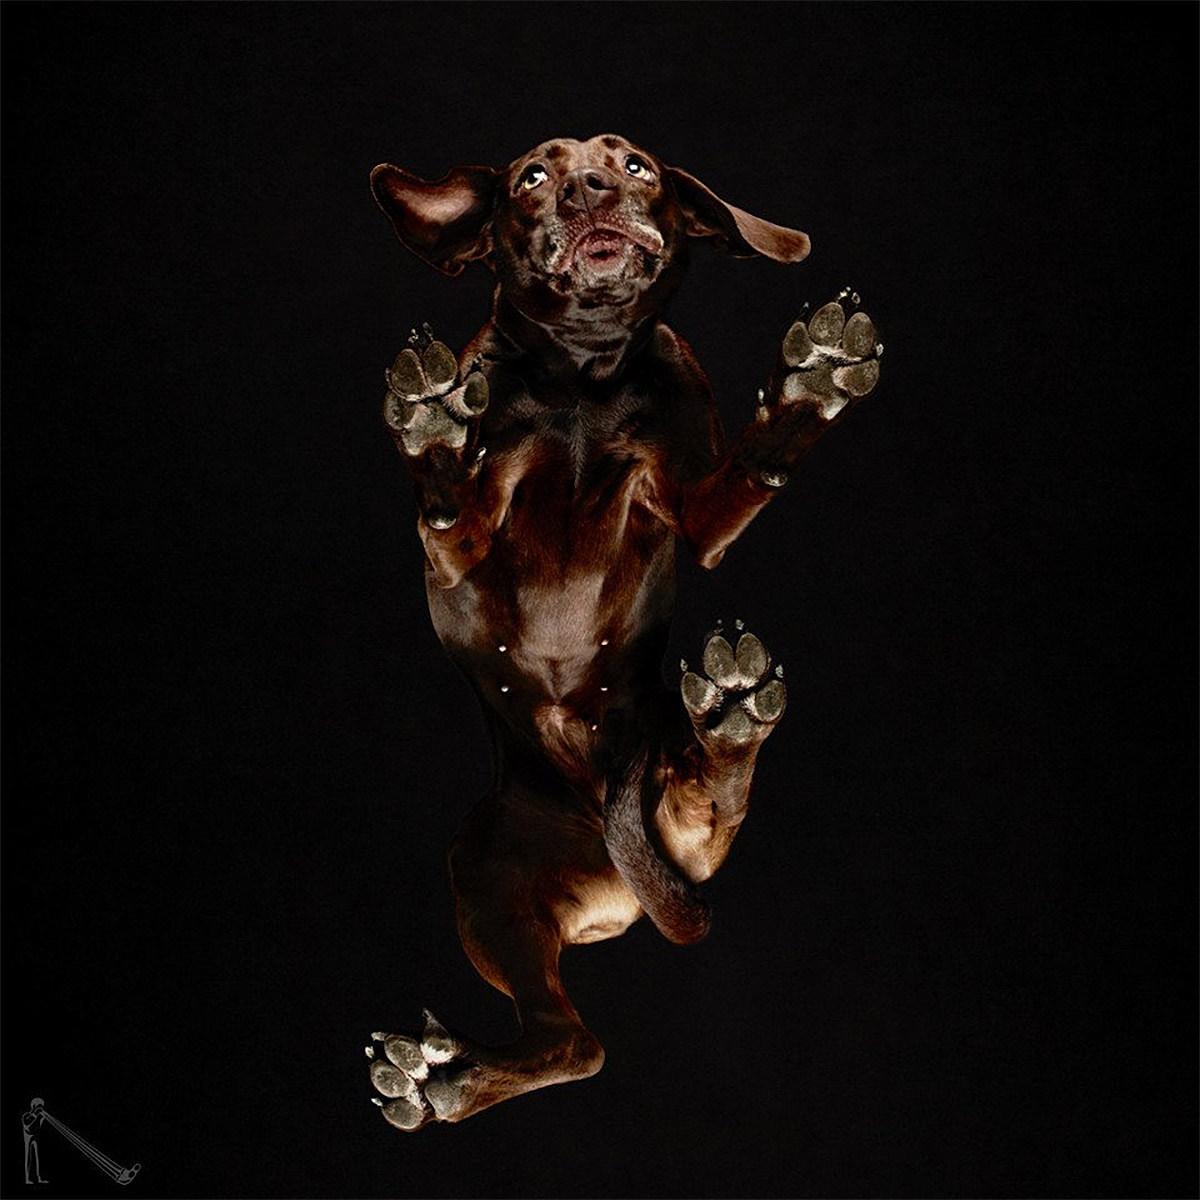 «Взгляд снизу»: чудные фотографии животных в проекте Андриуса Бурбы 15